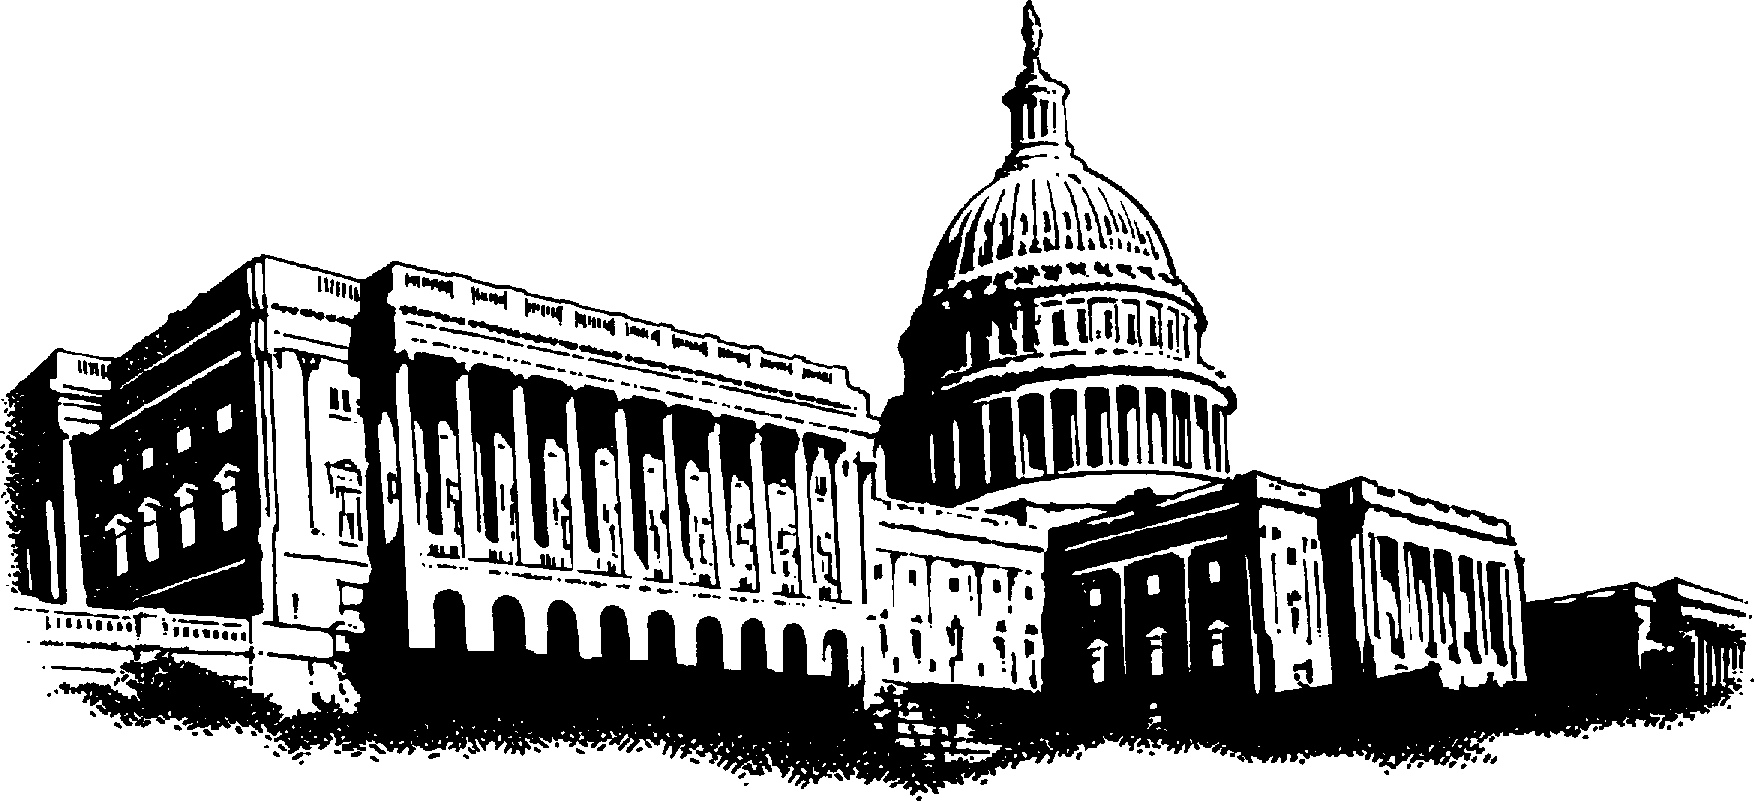 us capitol clip art clipart best capitol building clipart free capitol building clip art free